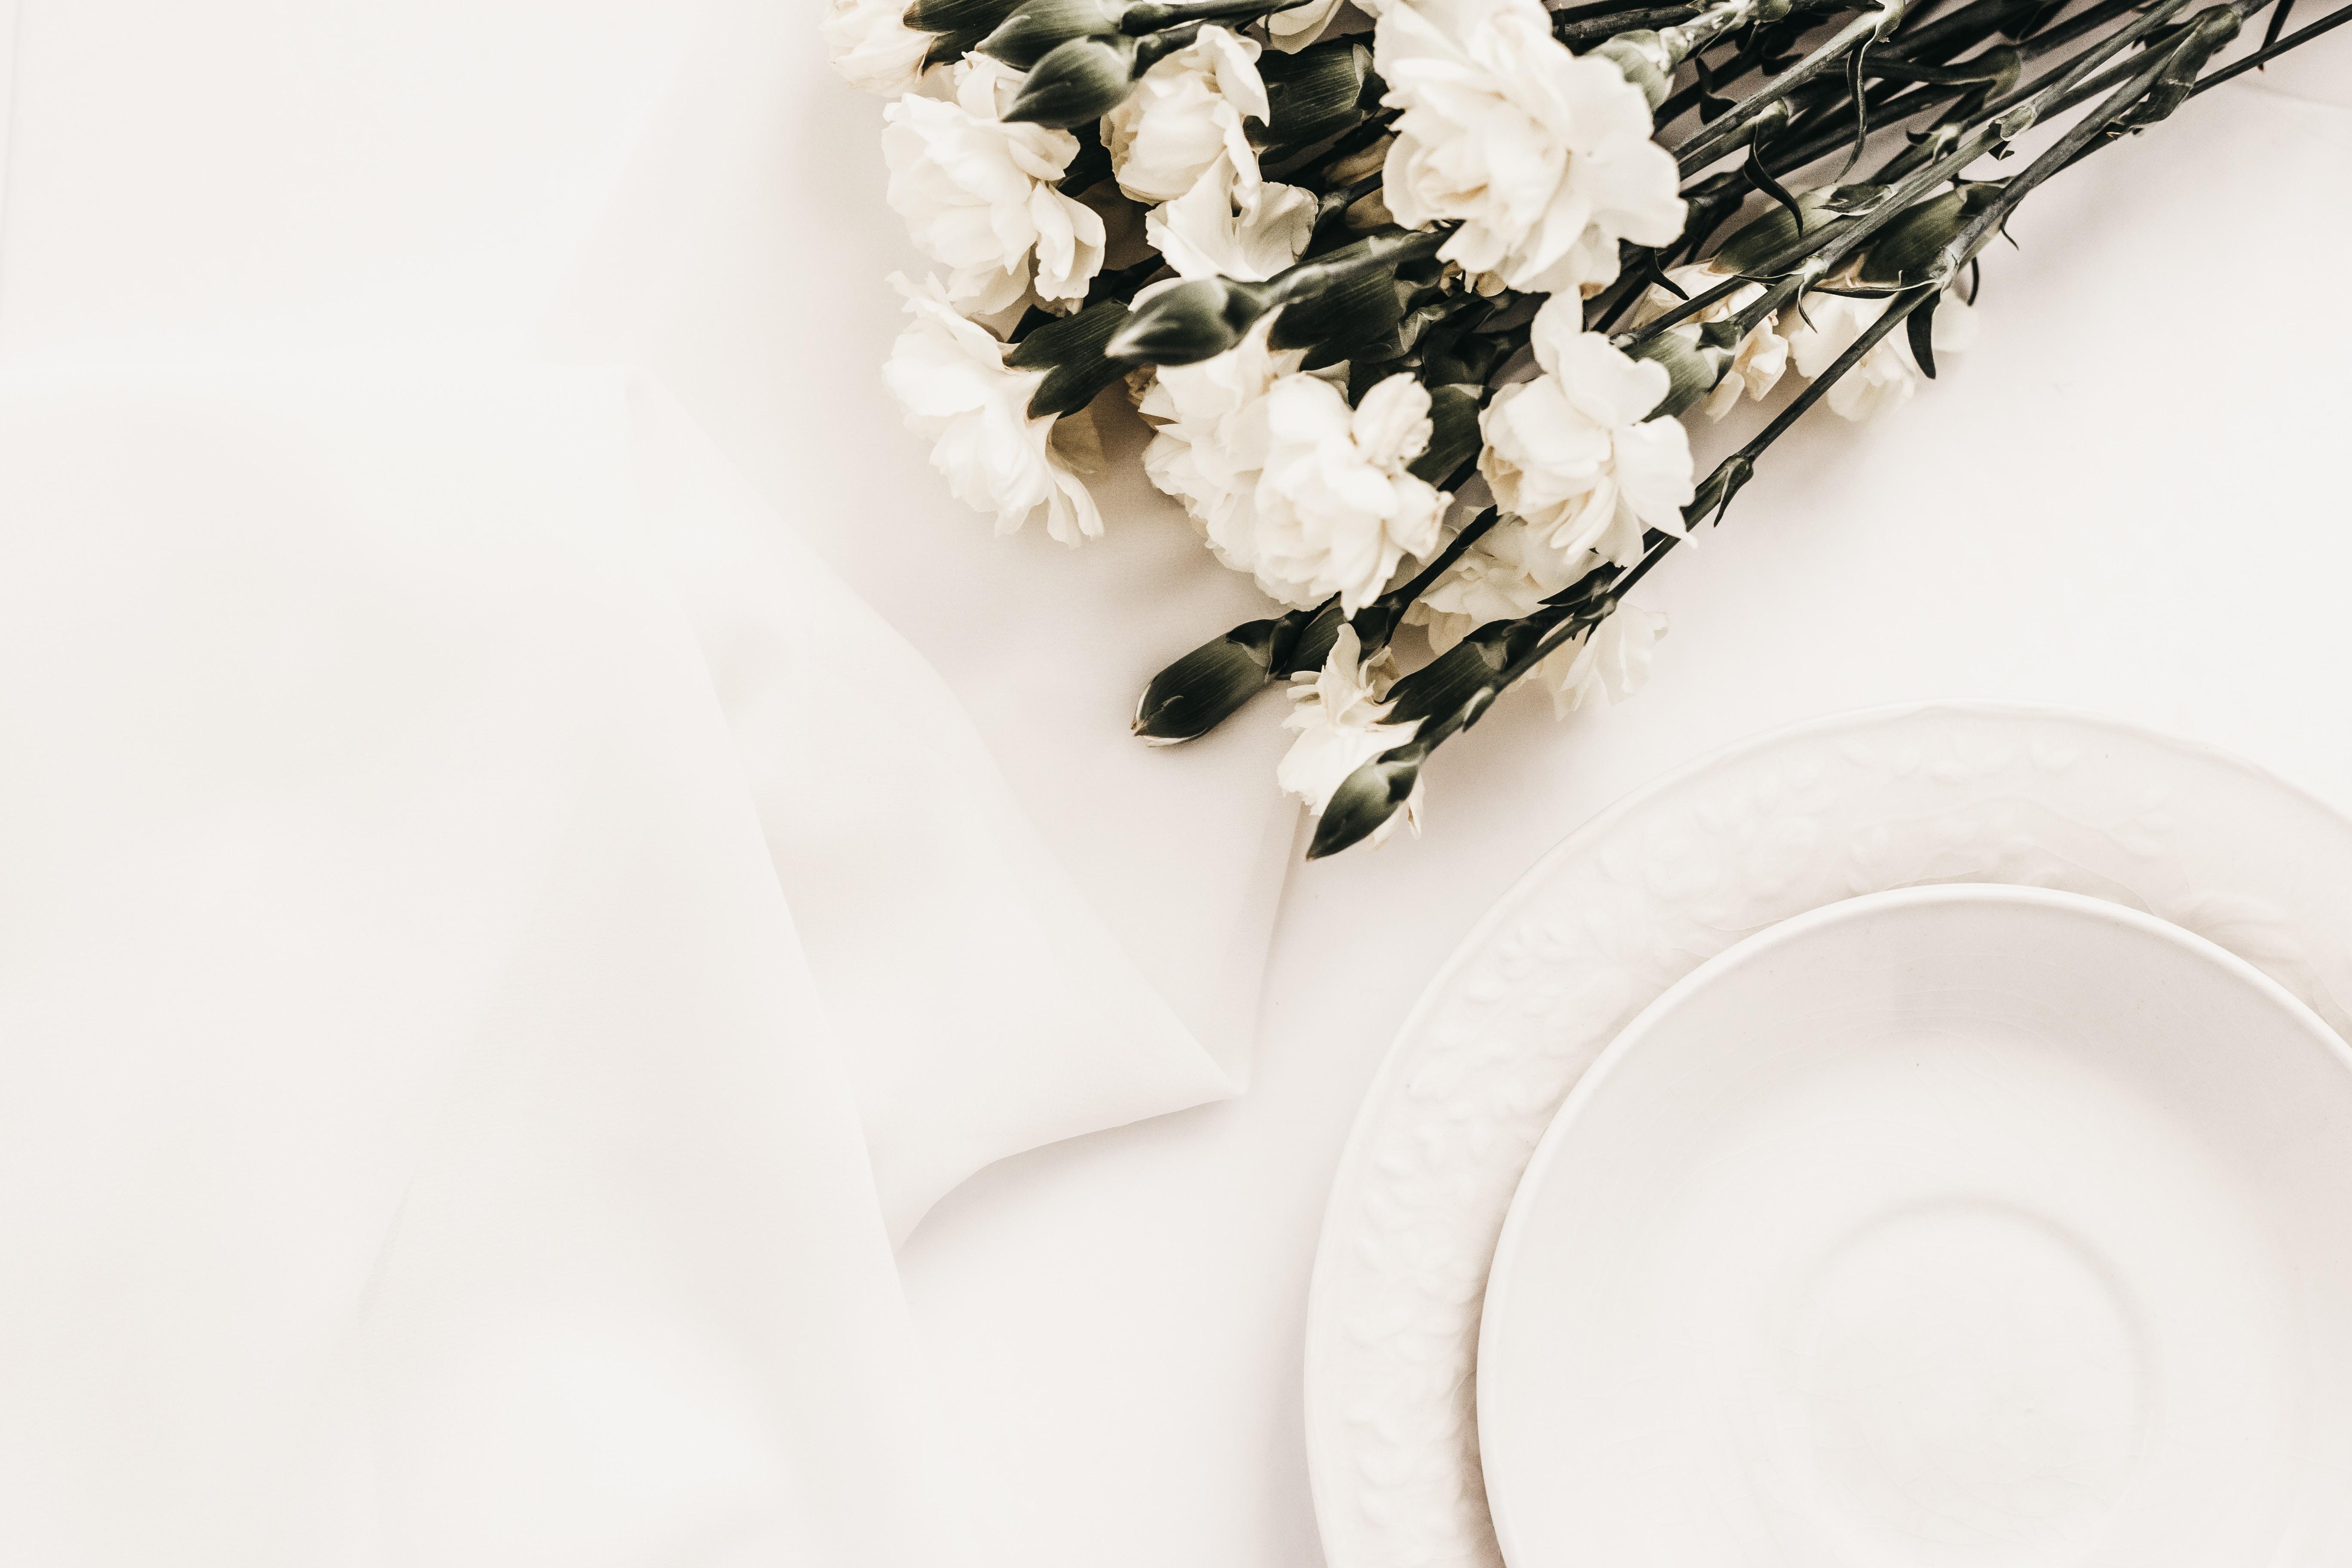 Hochzeitstag bedeutung 36 Smaragdhochzeit (36.